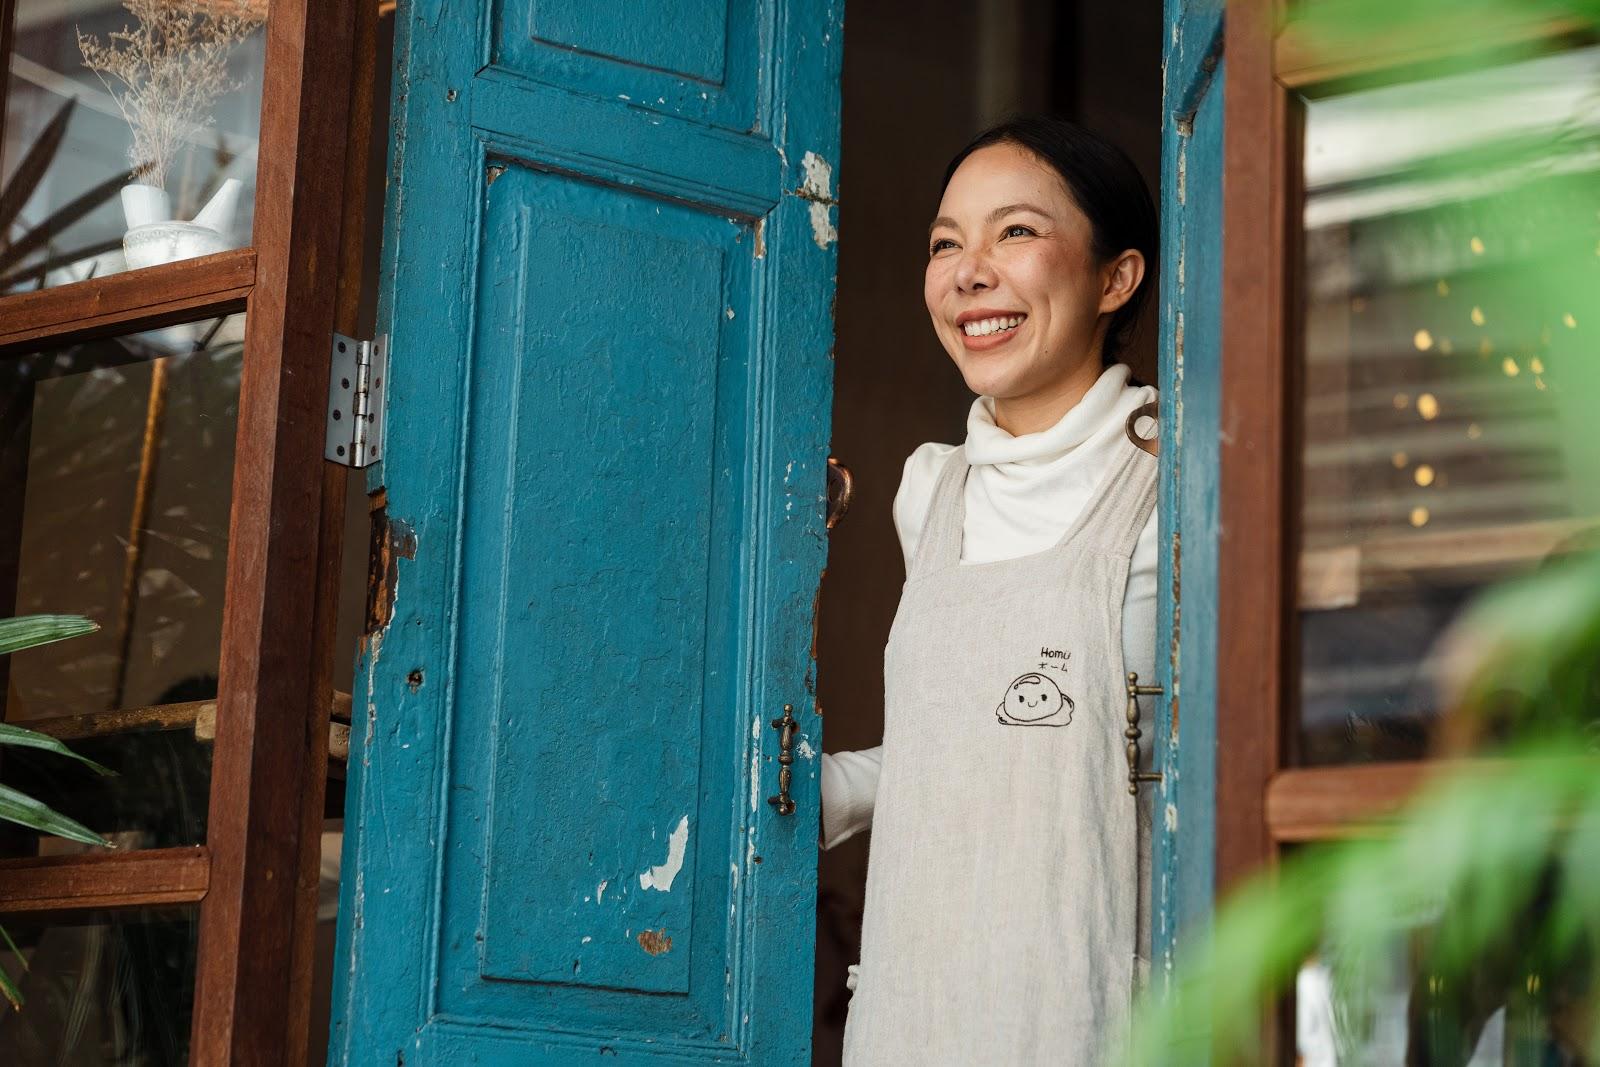 Pessoa sorrindo na janela de seu negócio